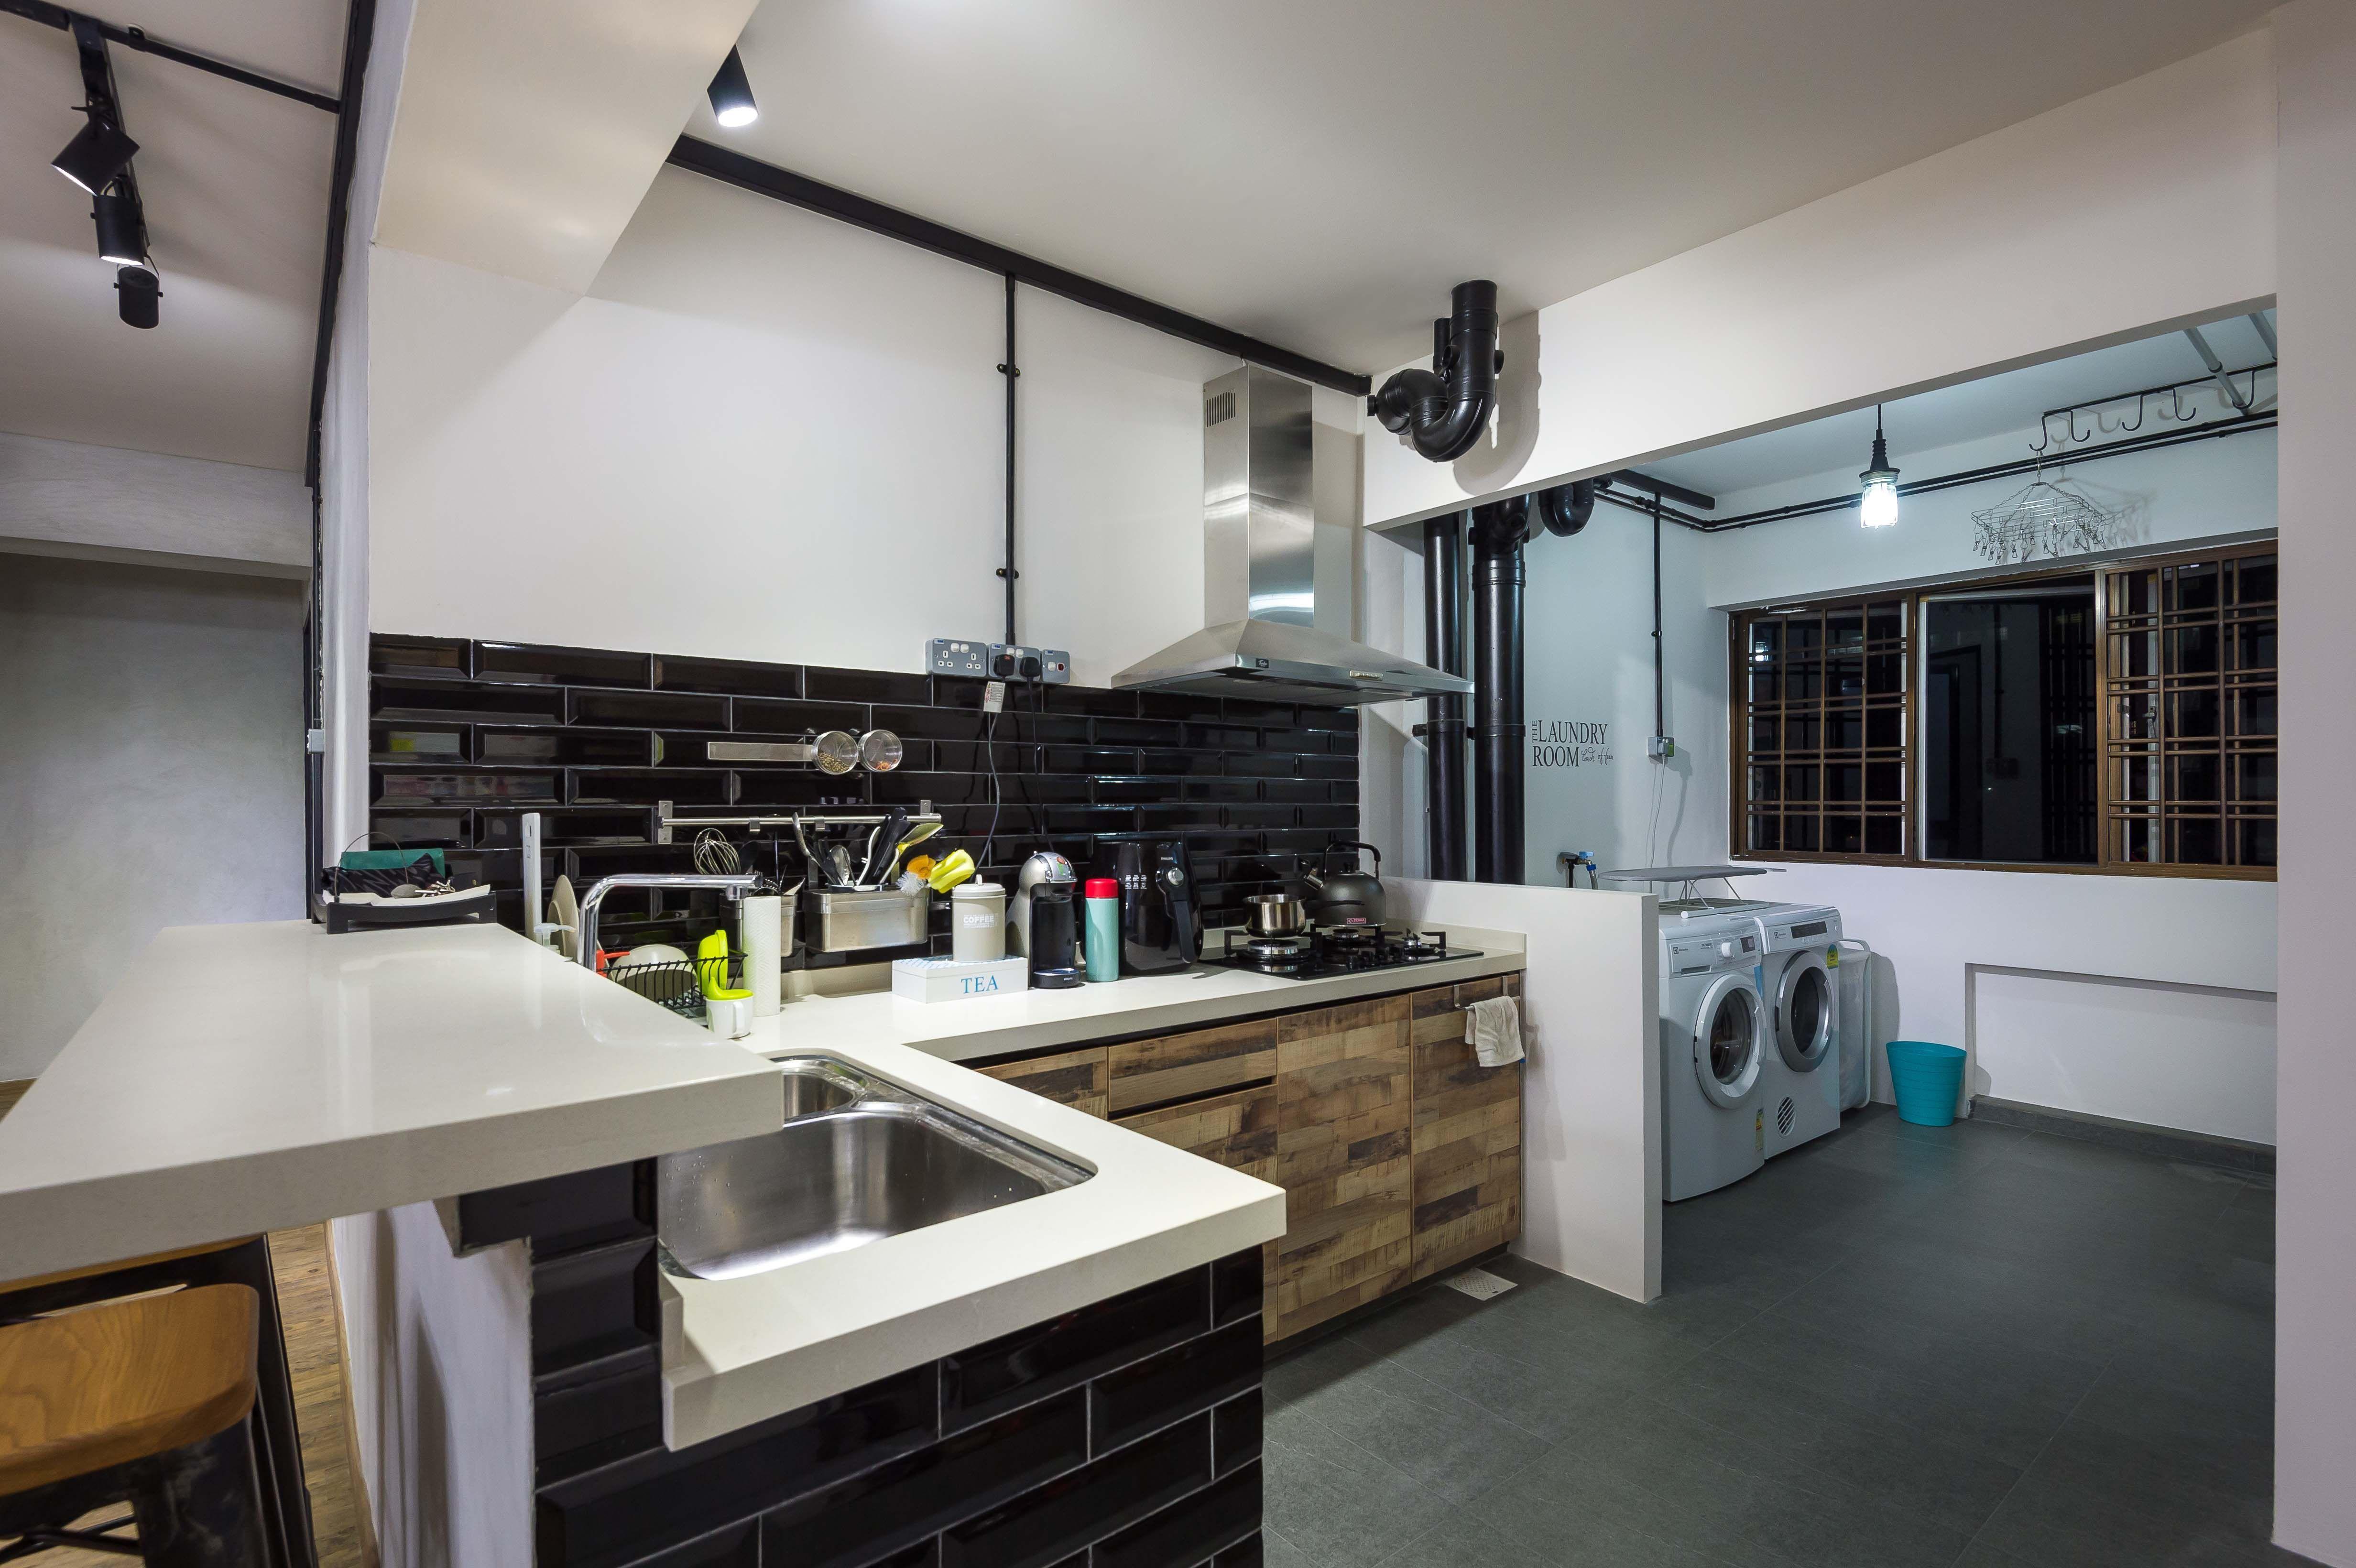 Unexpected Minimalist Open Kitchen Design with Skylight Ideas ...